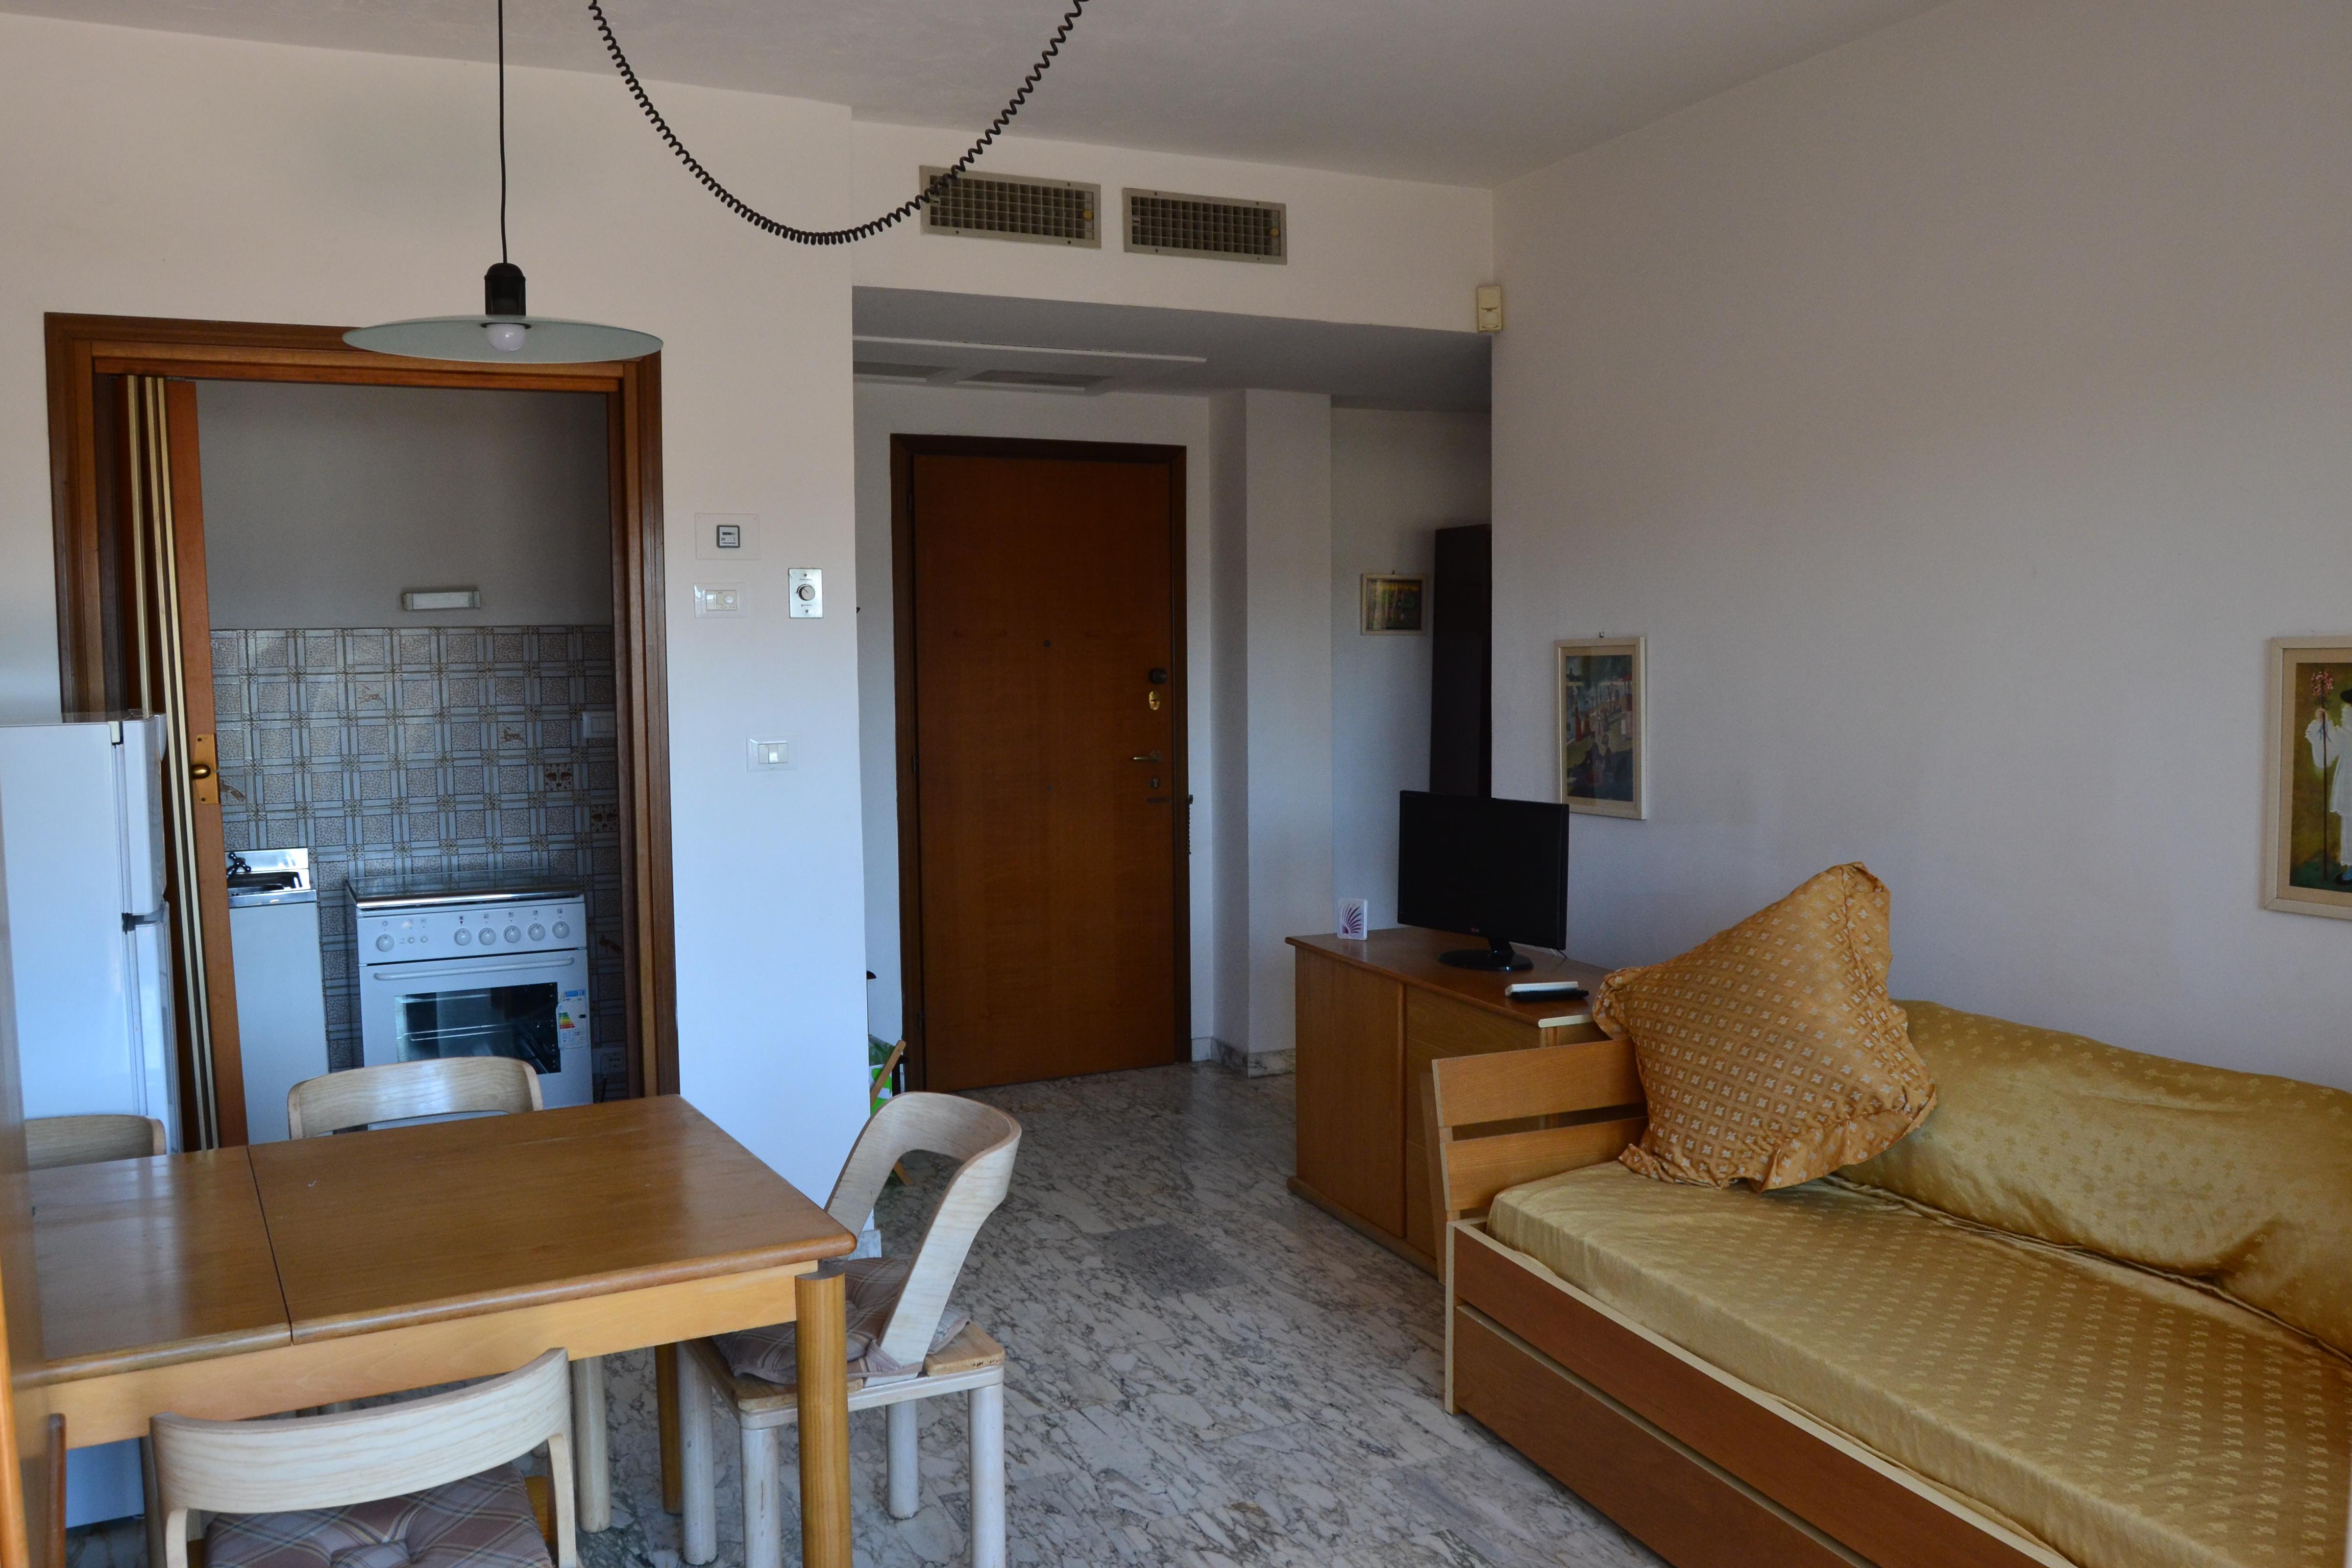 Appartamento Affitto Con Terrazza Tirrenia. Rif.A.8